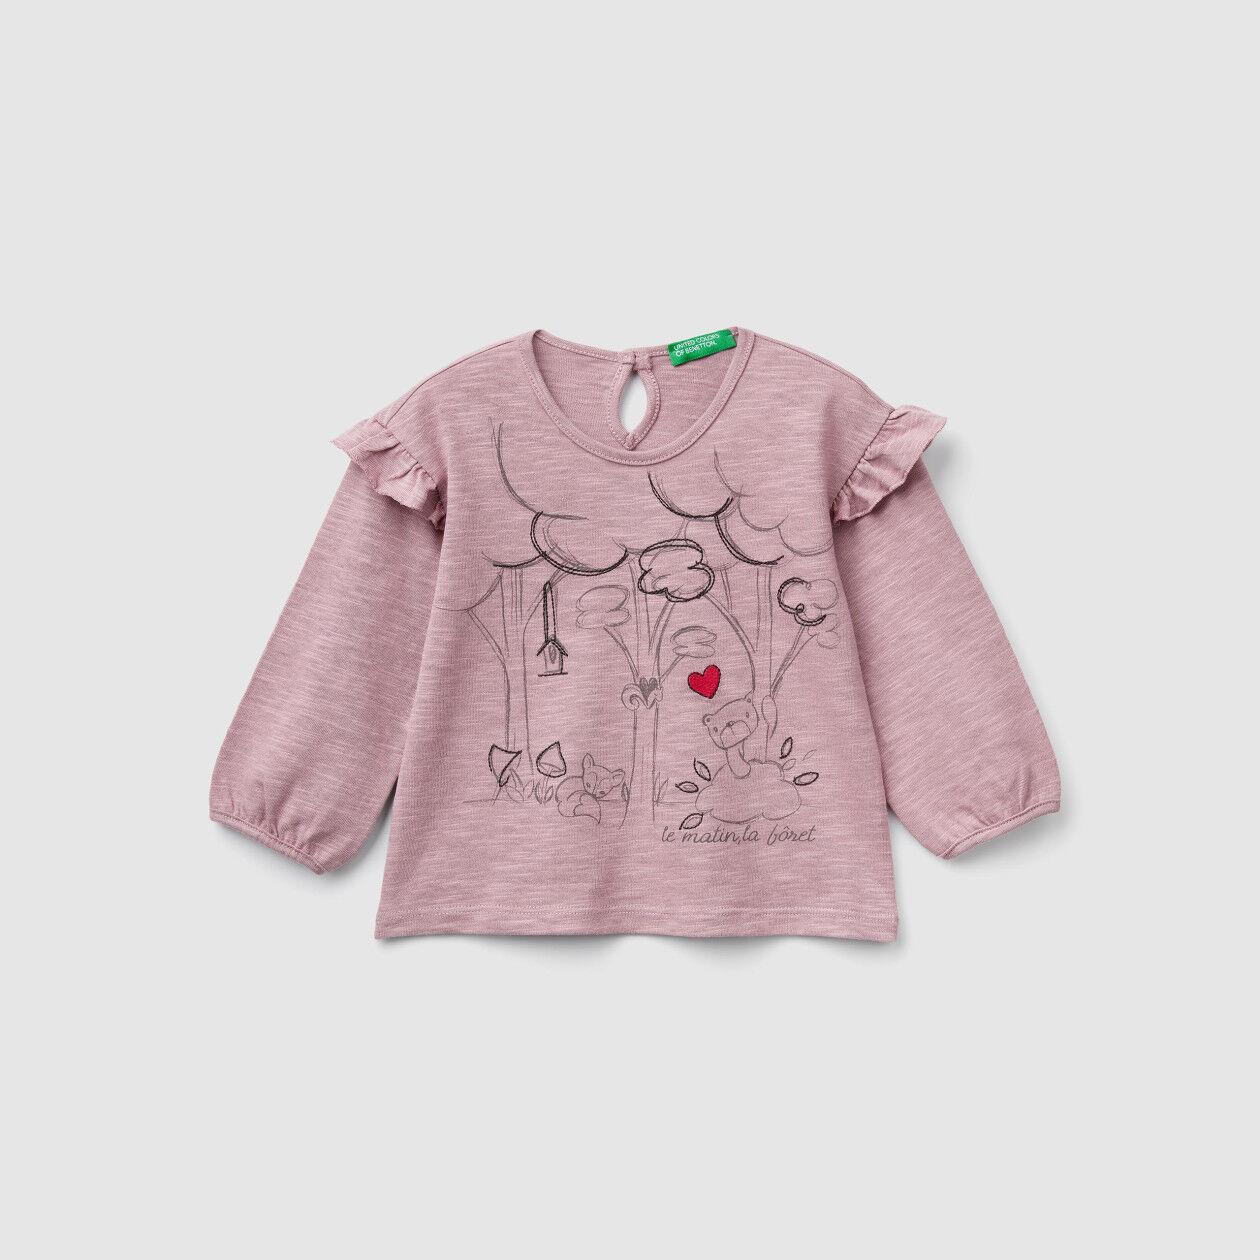 Camiseta con estampado y bordado